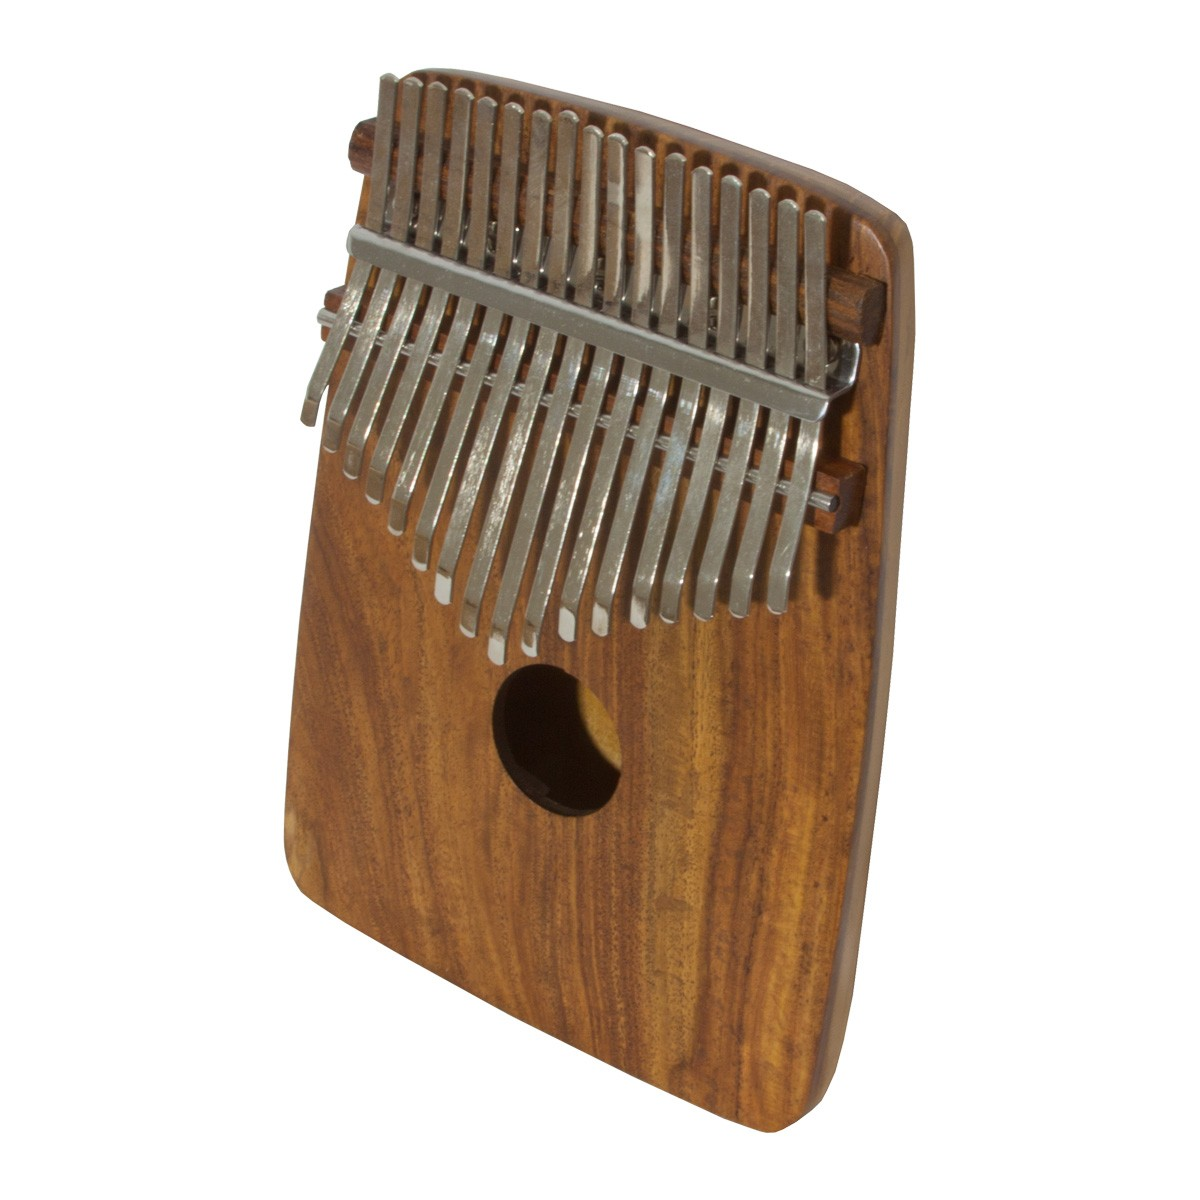 DOBANI 17-Key Thumb Piano w/ Rounded Back